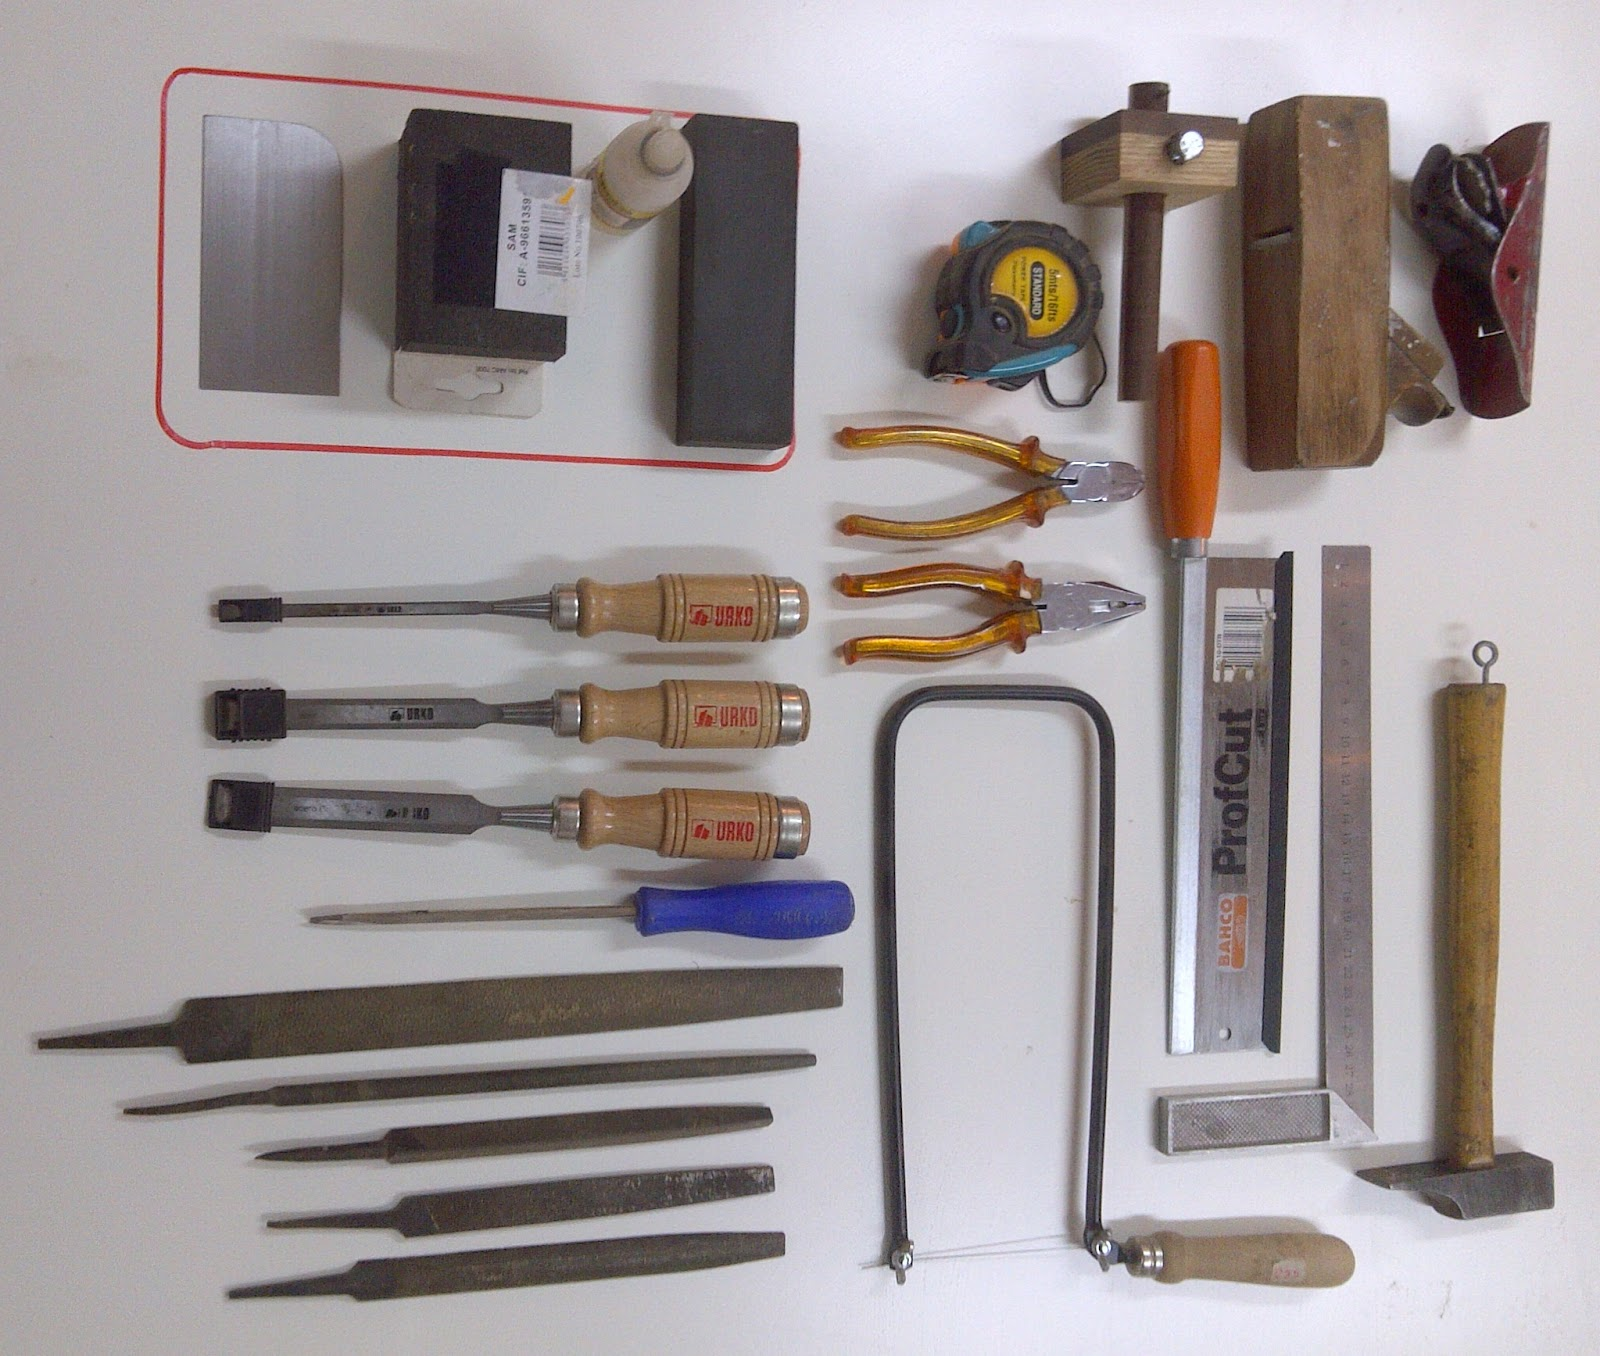 Panel de herramientas herramientas de mano - Herramientas de mano ...